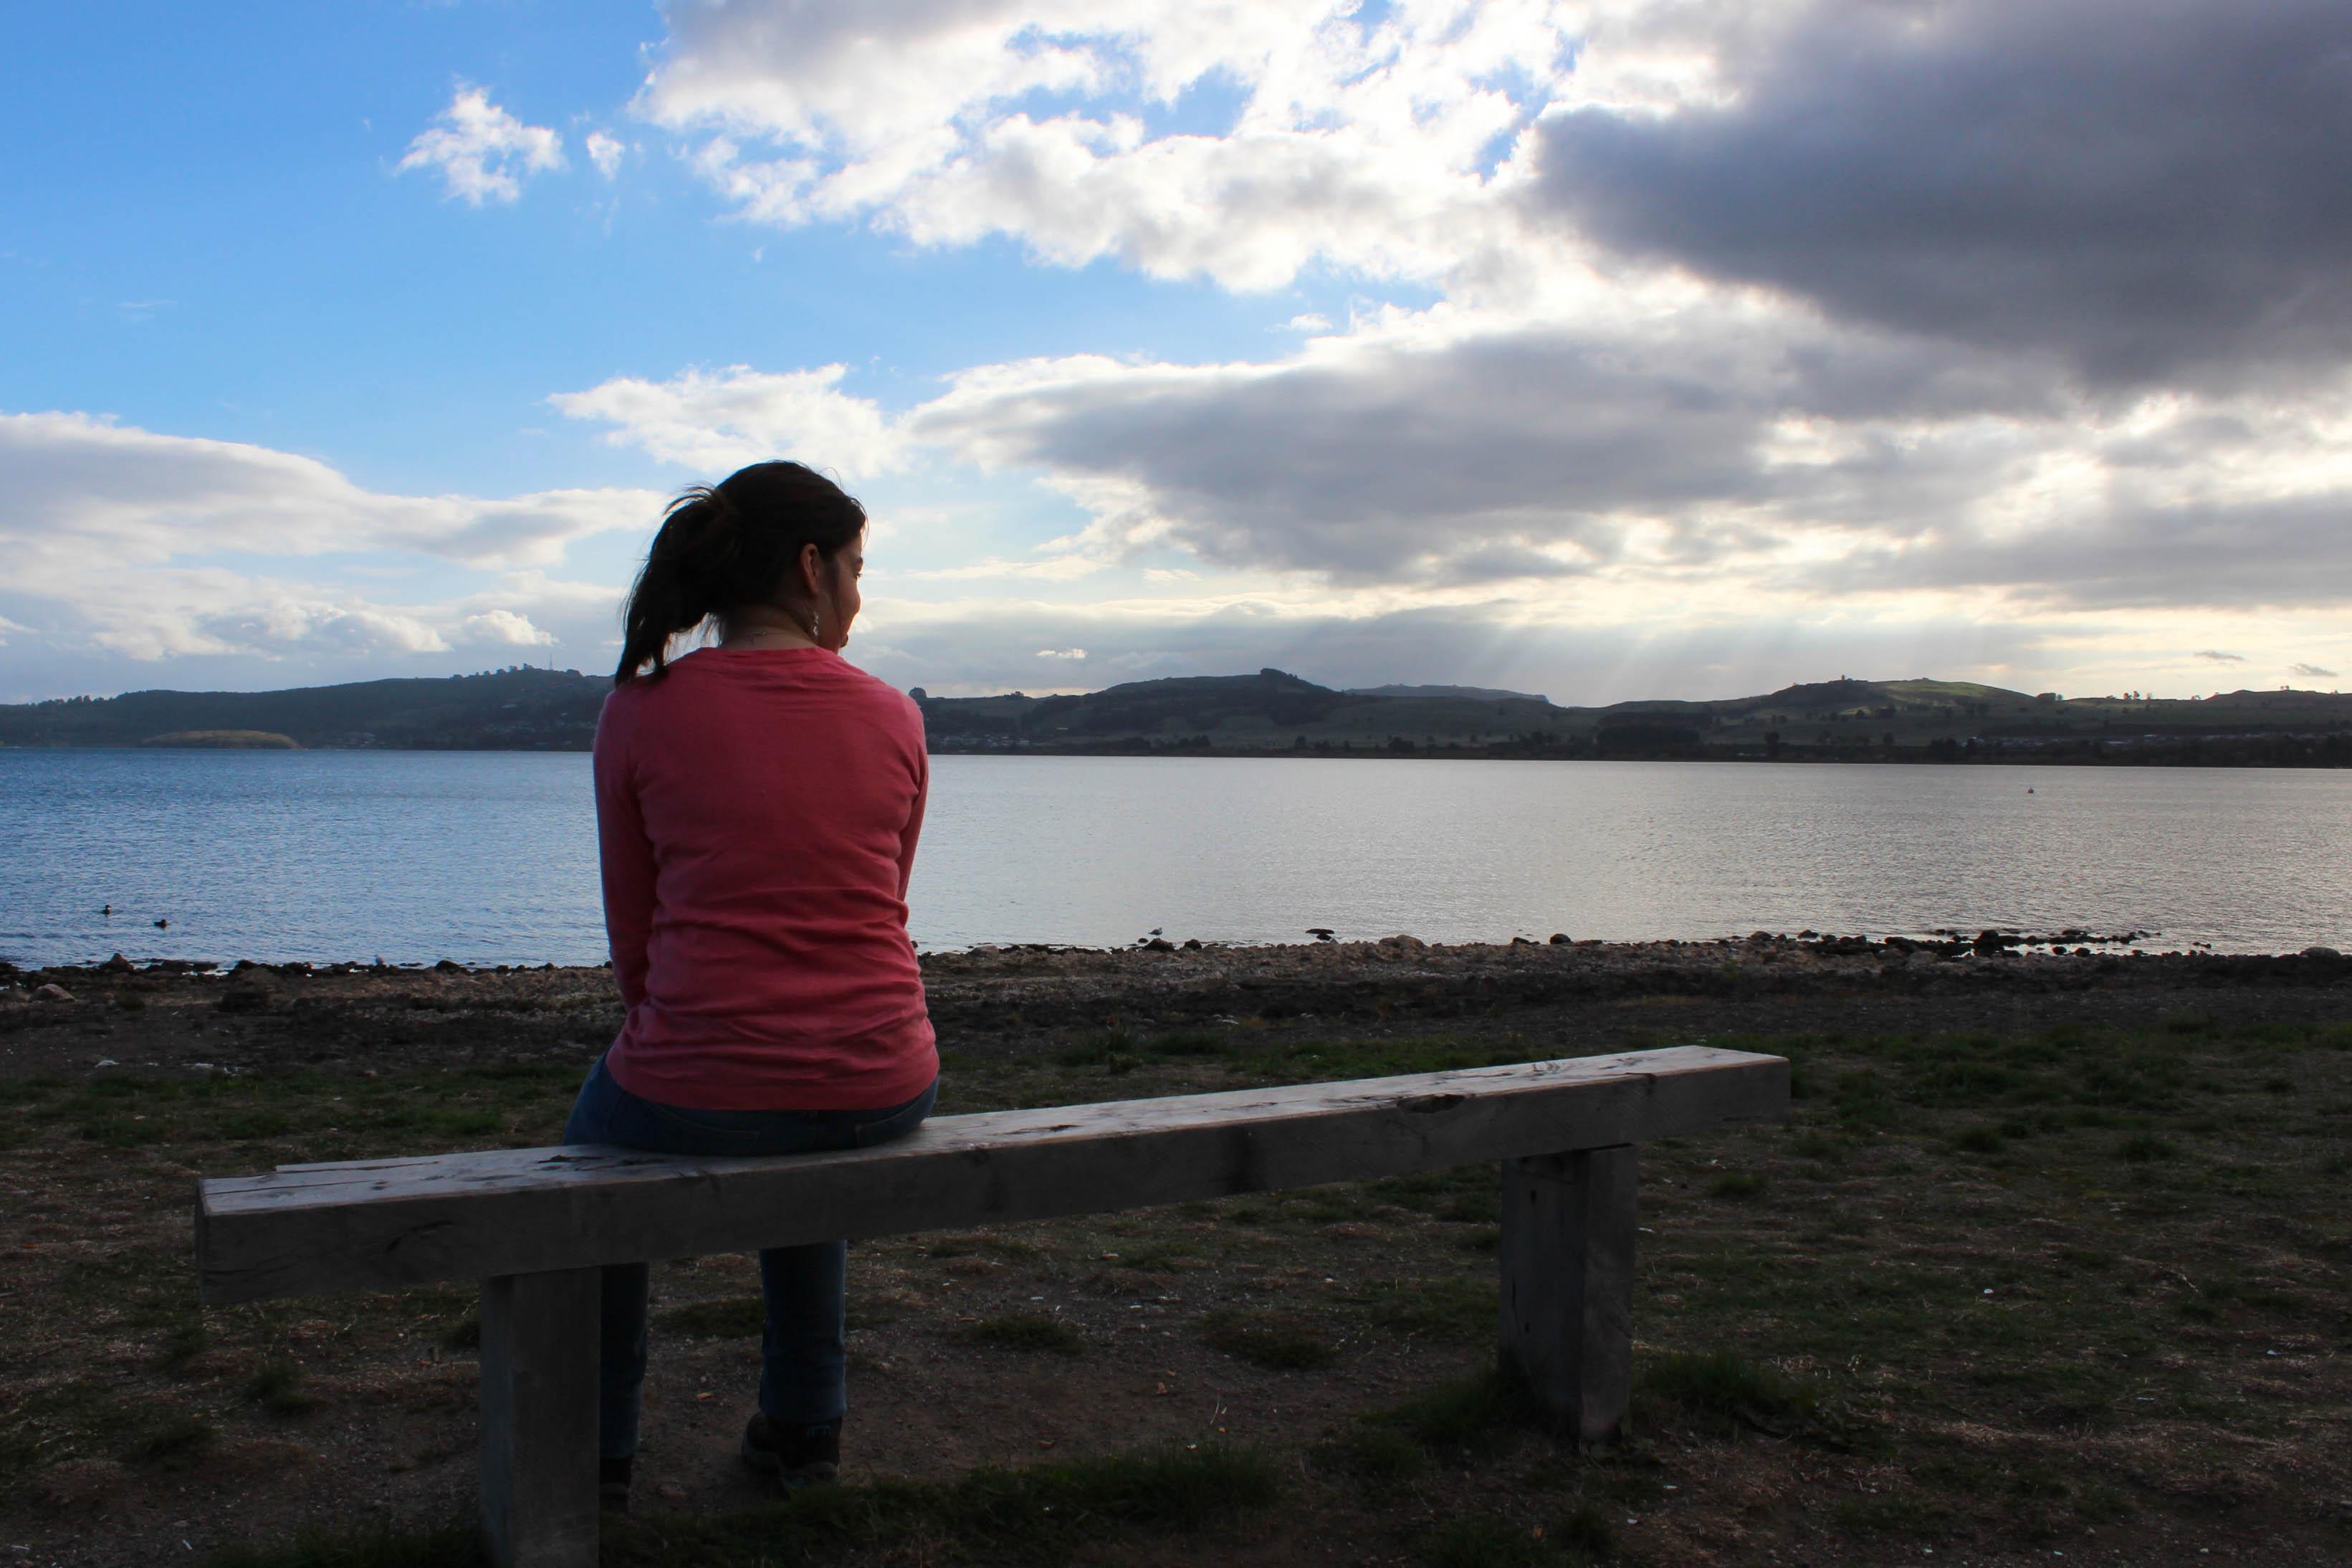 Nouvelle Zélande - Huka falls et lac taupo - Les lubies de louise (12 sur 18)